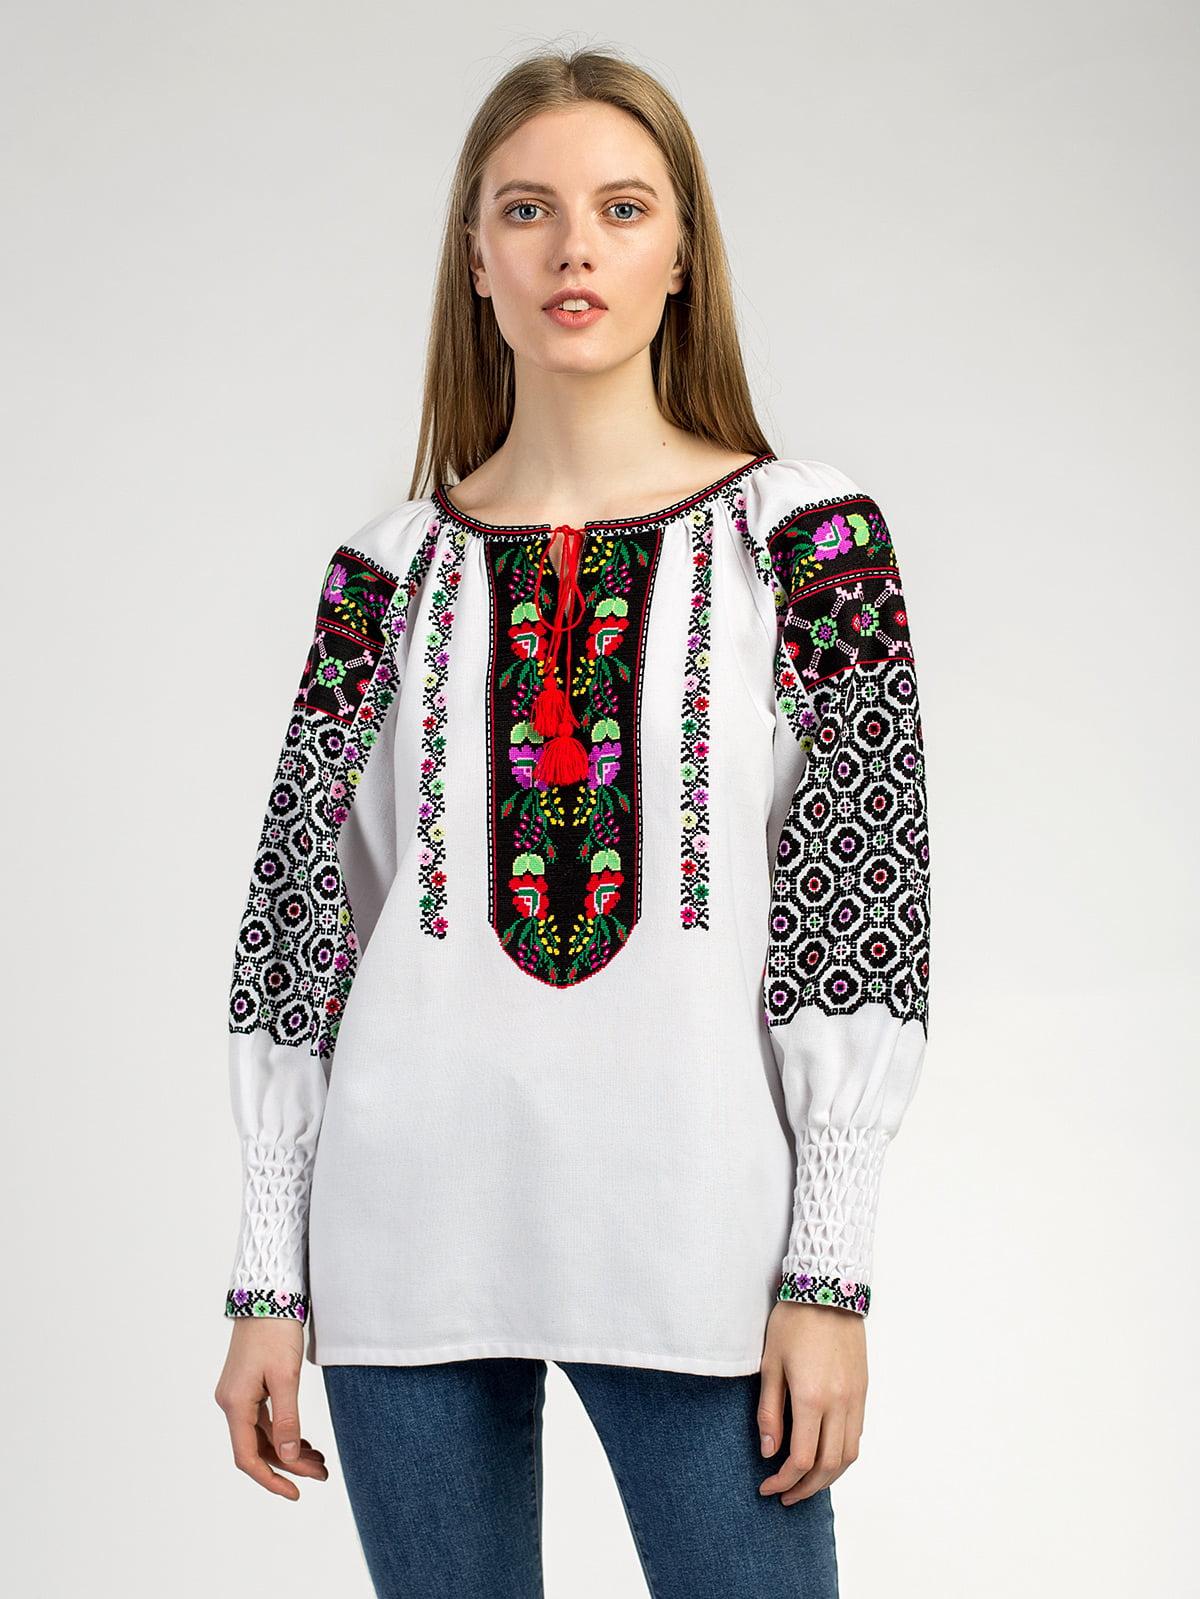 9573a6bb8f5919 Борщевская женская вышиванка ручной работы Аб2 – купить в Киеве и ...